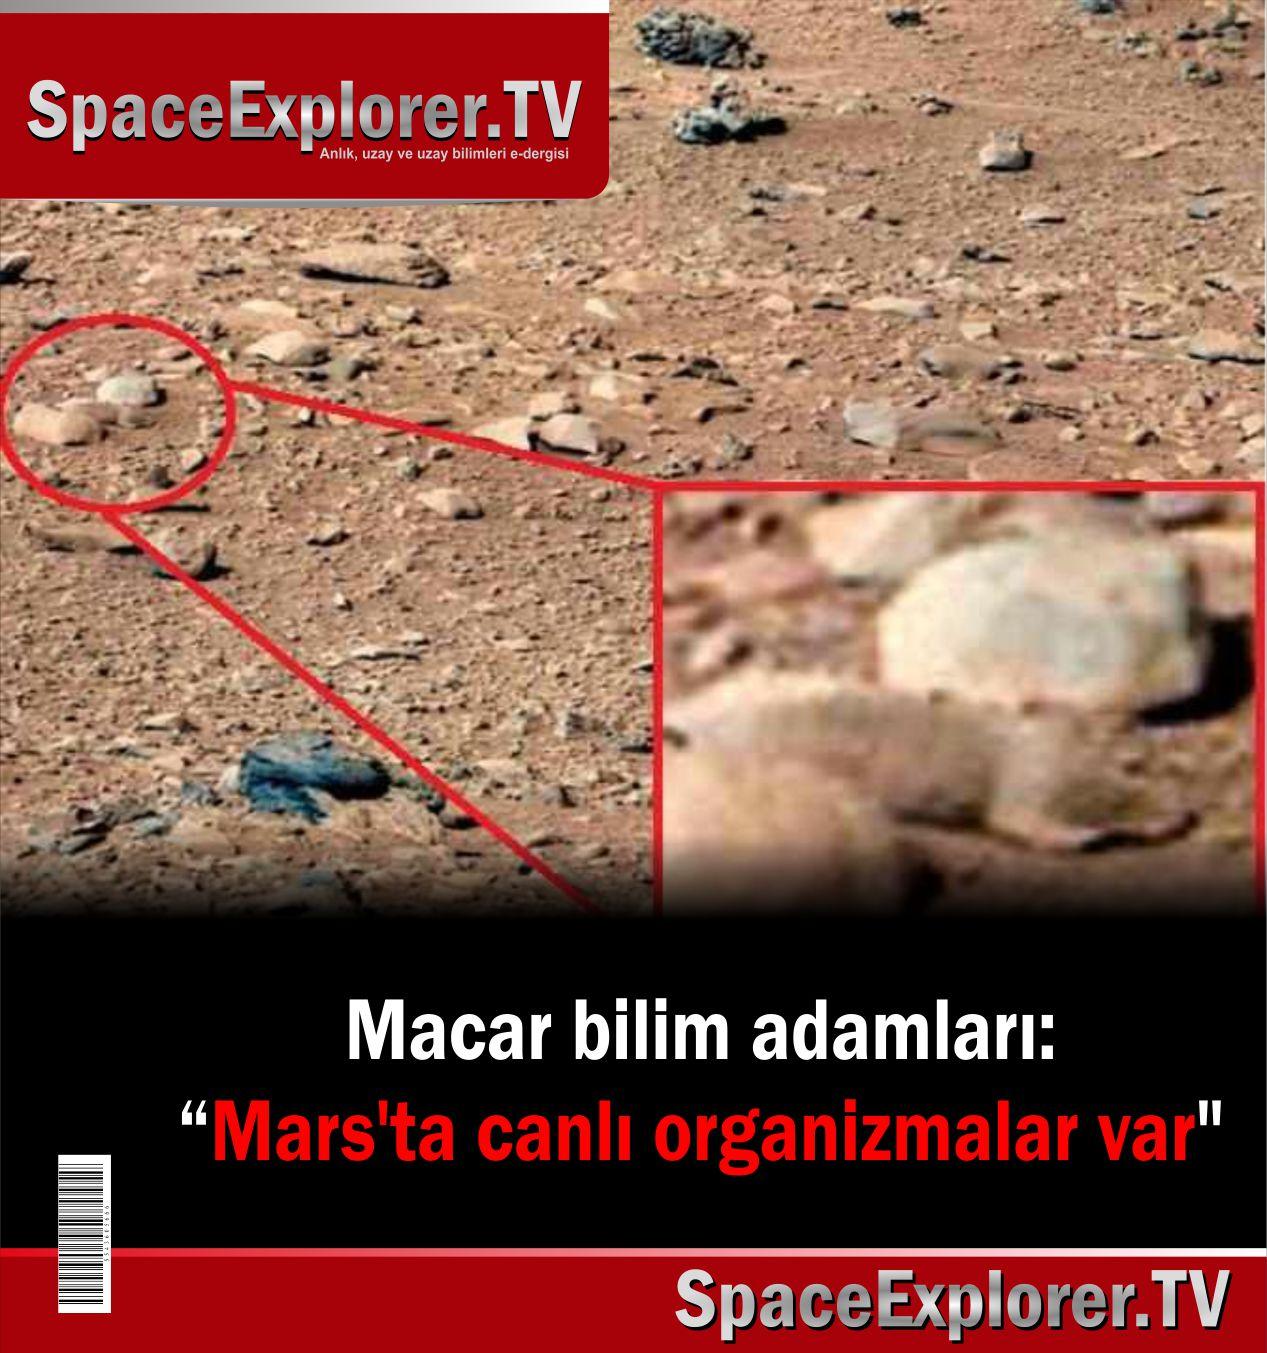 Mars Global Surveyor, Mars, Uzayda hayat var mı?, Mars'ta yaşam var mı, NASA, ABD, Mars'taki delikler,